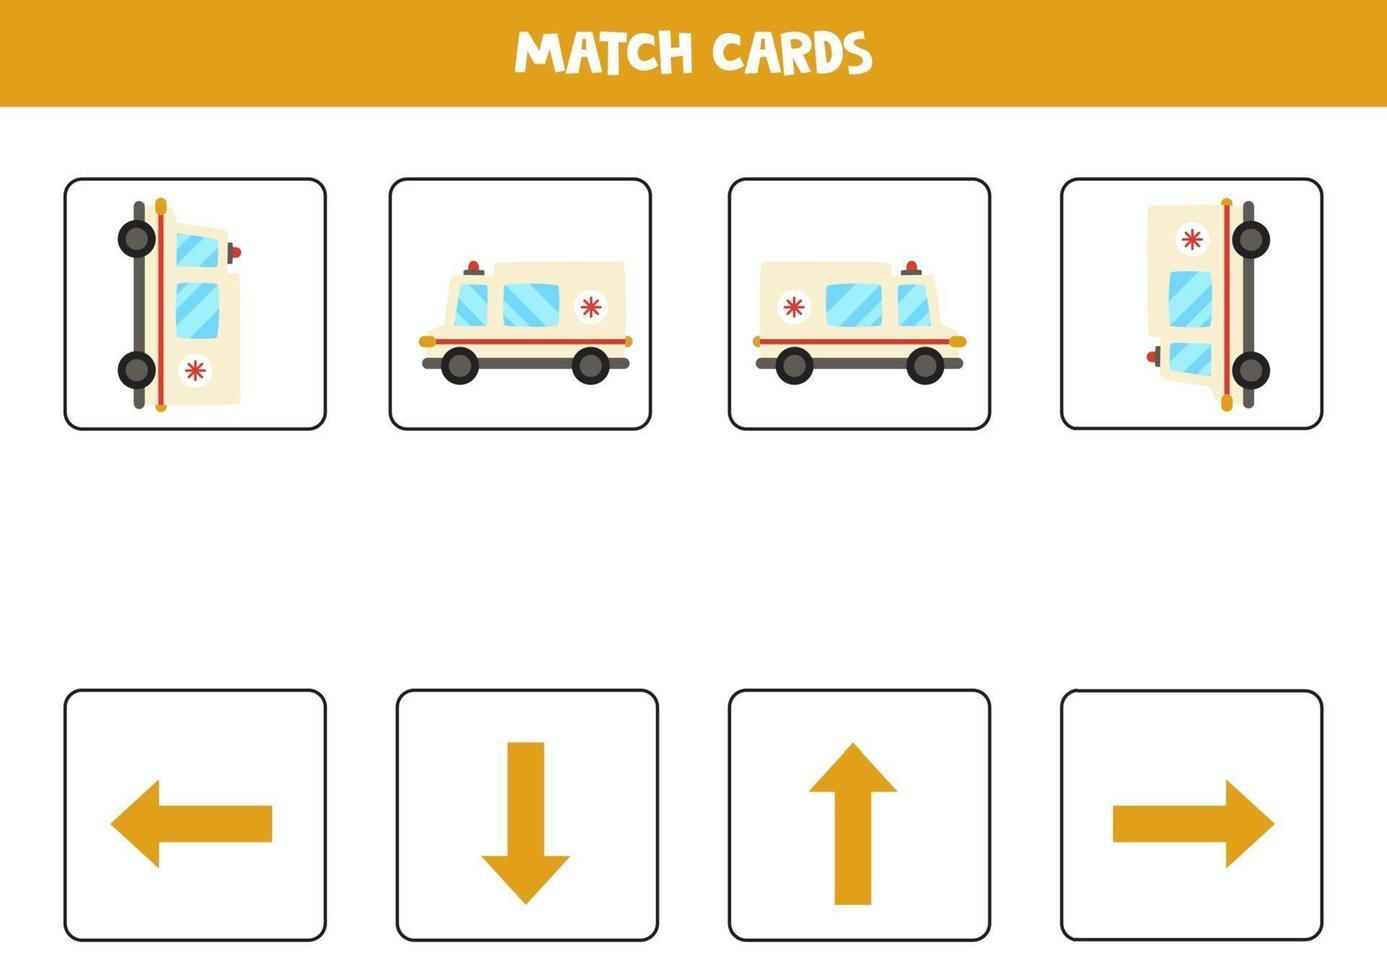 sinistra, destra, su o giù. orientamento spaziale con auto ambulanza dei cartoni animati. vettore